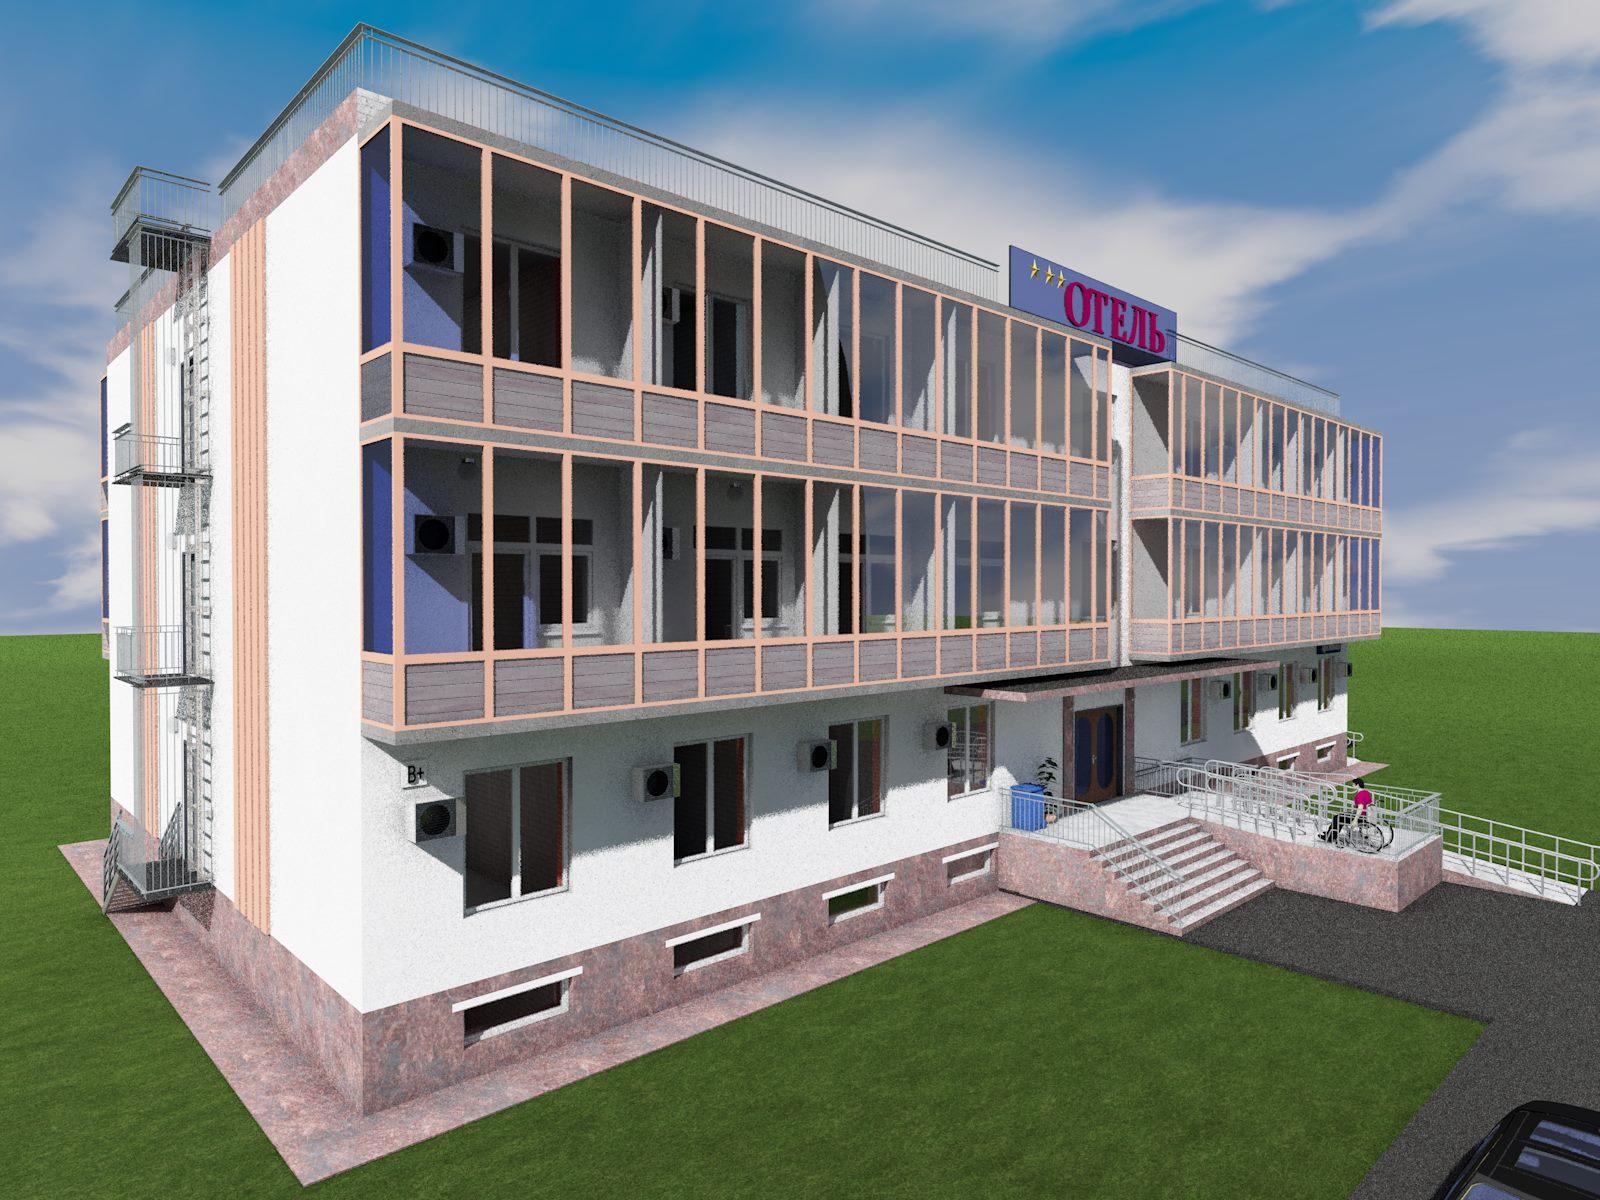 Stroški gradnje hotela s 50 sobami